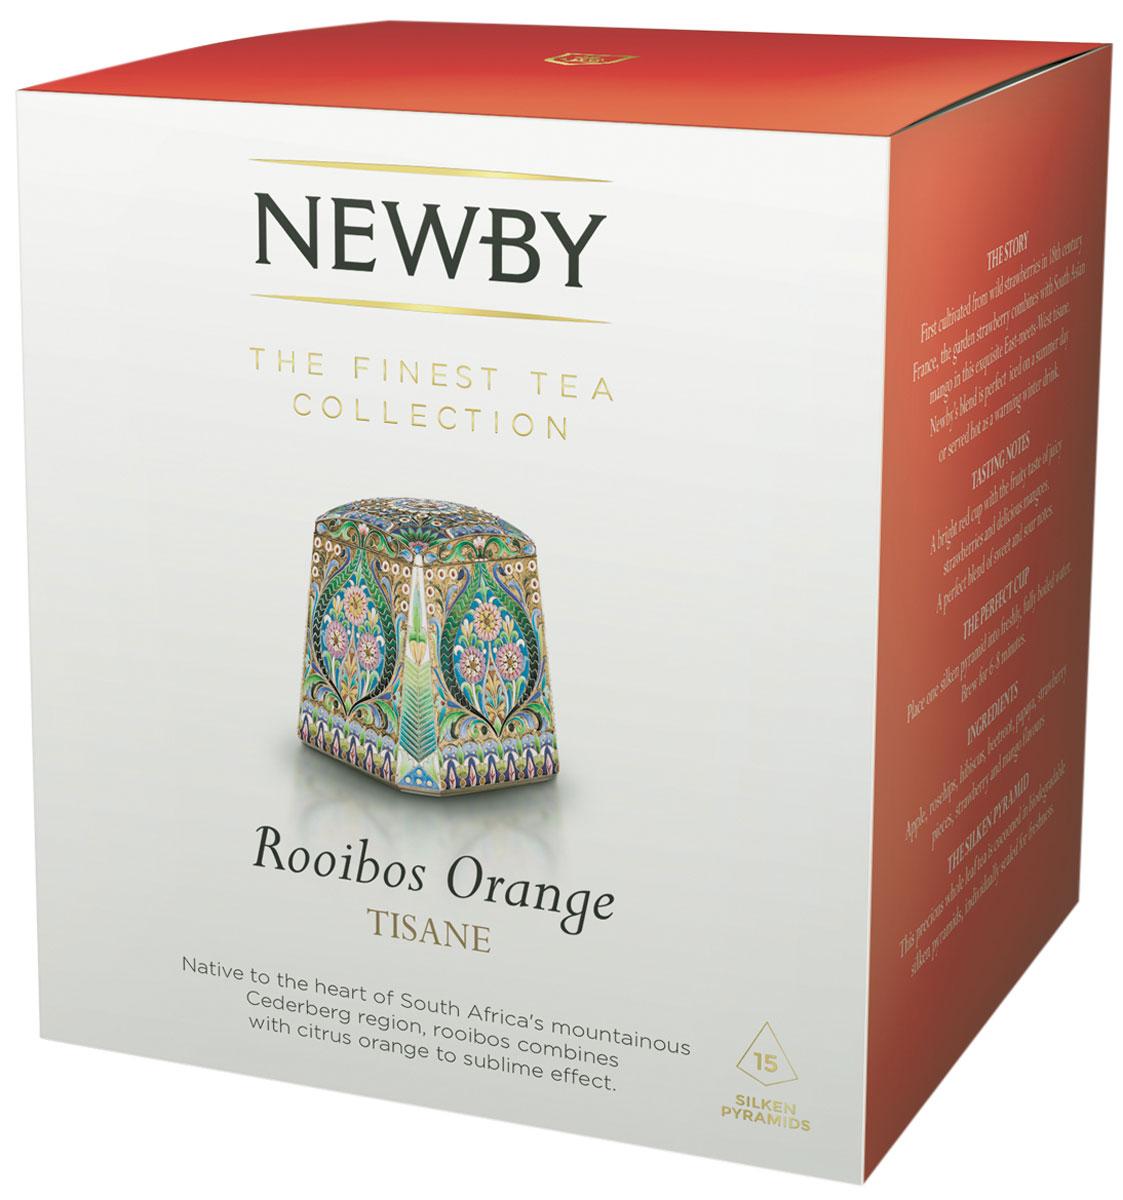 Newby Roiboos Orange травяной чай в пирамидках, 15 штTALTHB-DP0014Newby Roiboos Orange с цедрой апельсина дает мягкий настой ярко-оранжевого цвета с фруктово-цитрусовыми нотками. Каждая пирамидка упакована в индивидуальное саше из алюминиевой фольги для сохранения свежести ингредиентов.